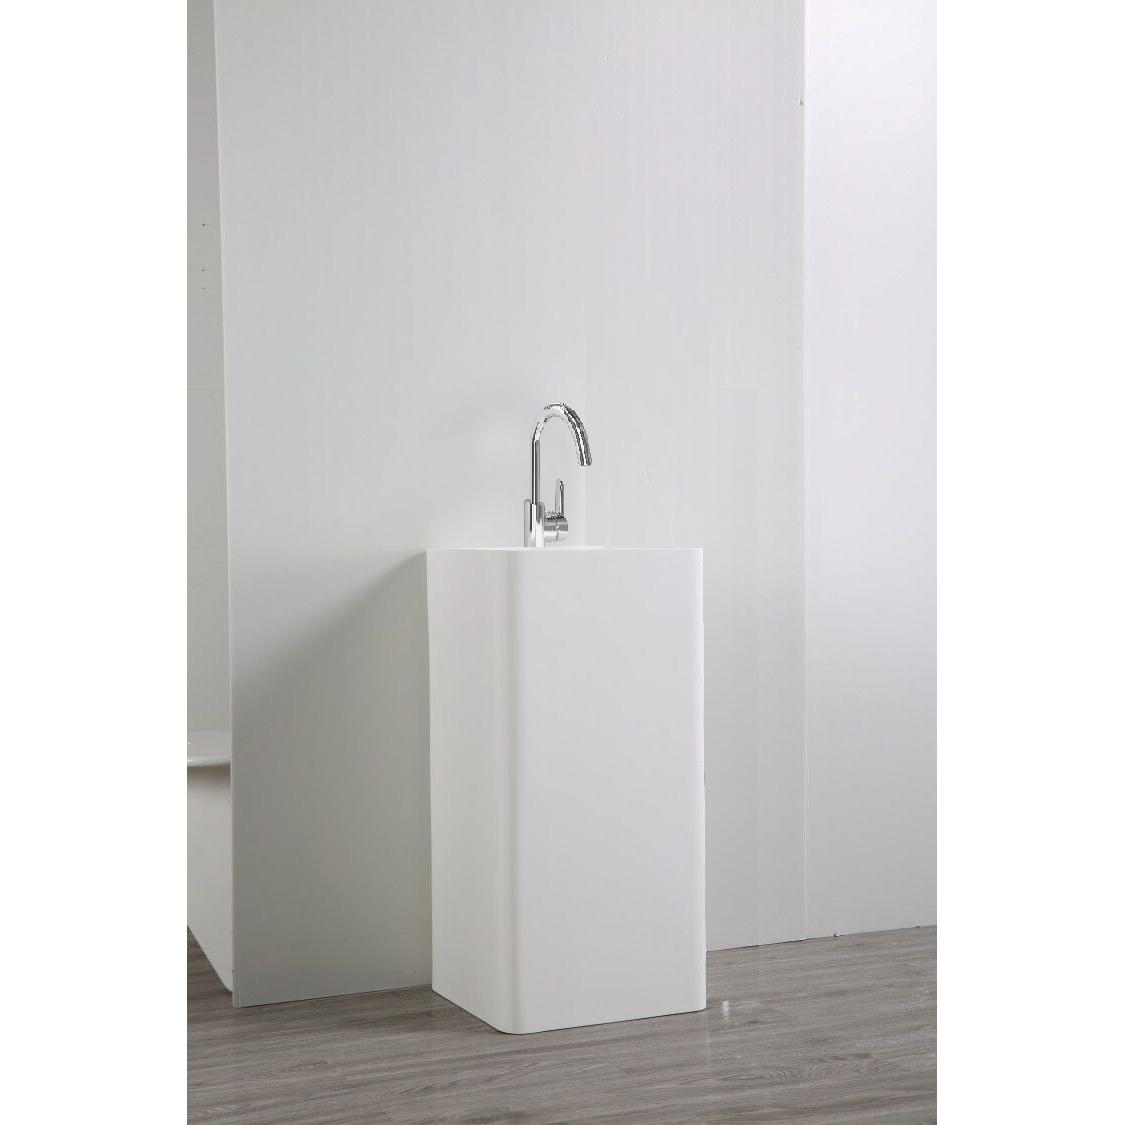 Lavabo colonne totem blanc BS458 en solid surface 45 x 45 x 82 cm Le ...